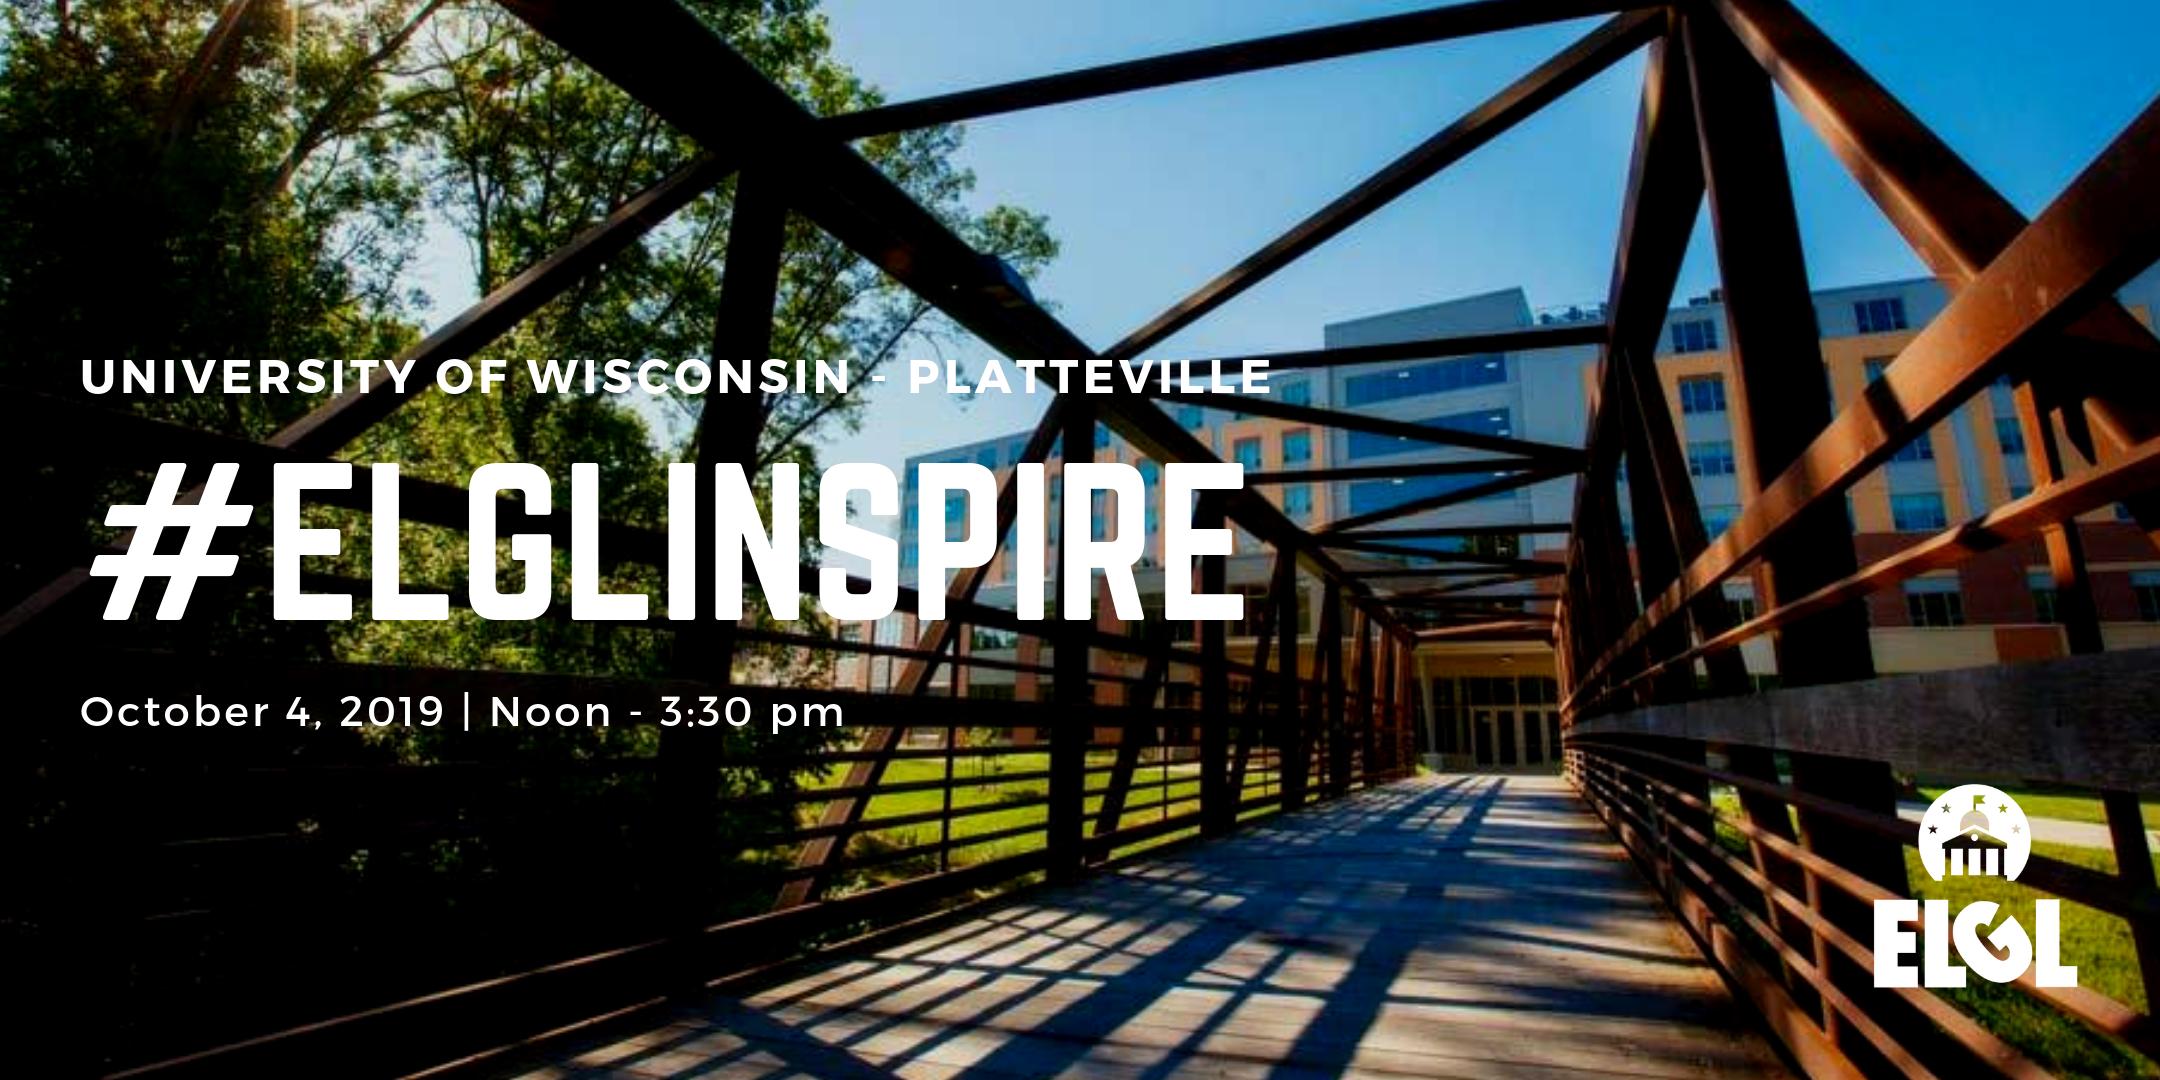 UW Platteville Inspire